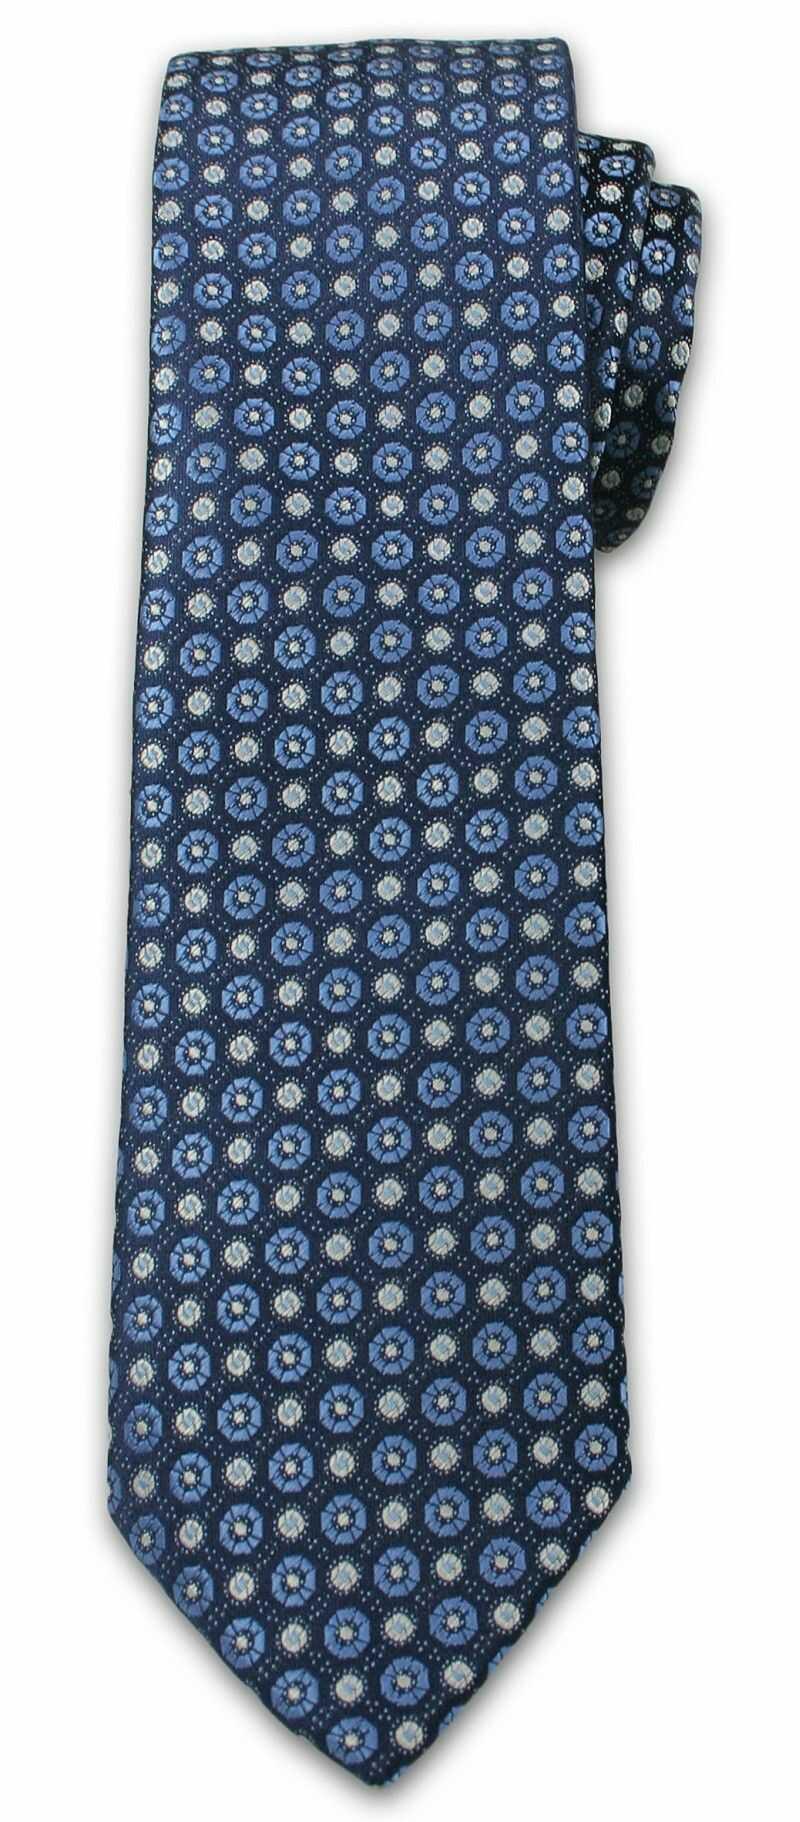 Wzorzasty Krawat Męski w Kółeczka - 6,7cm - Chattier - Kolorowy KRCH0998